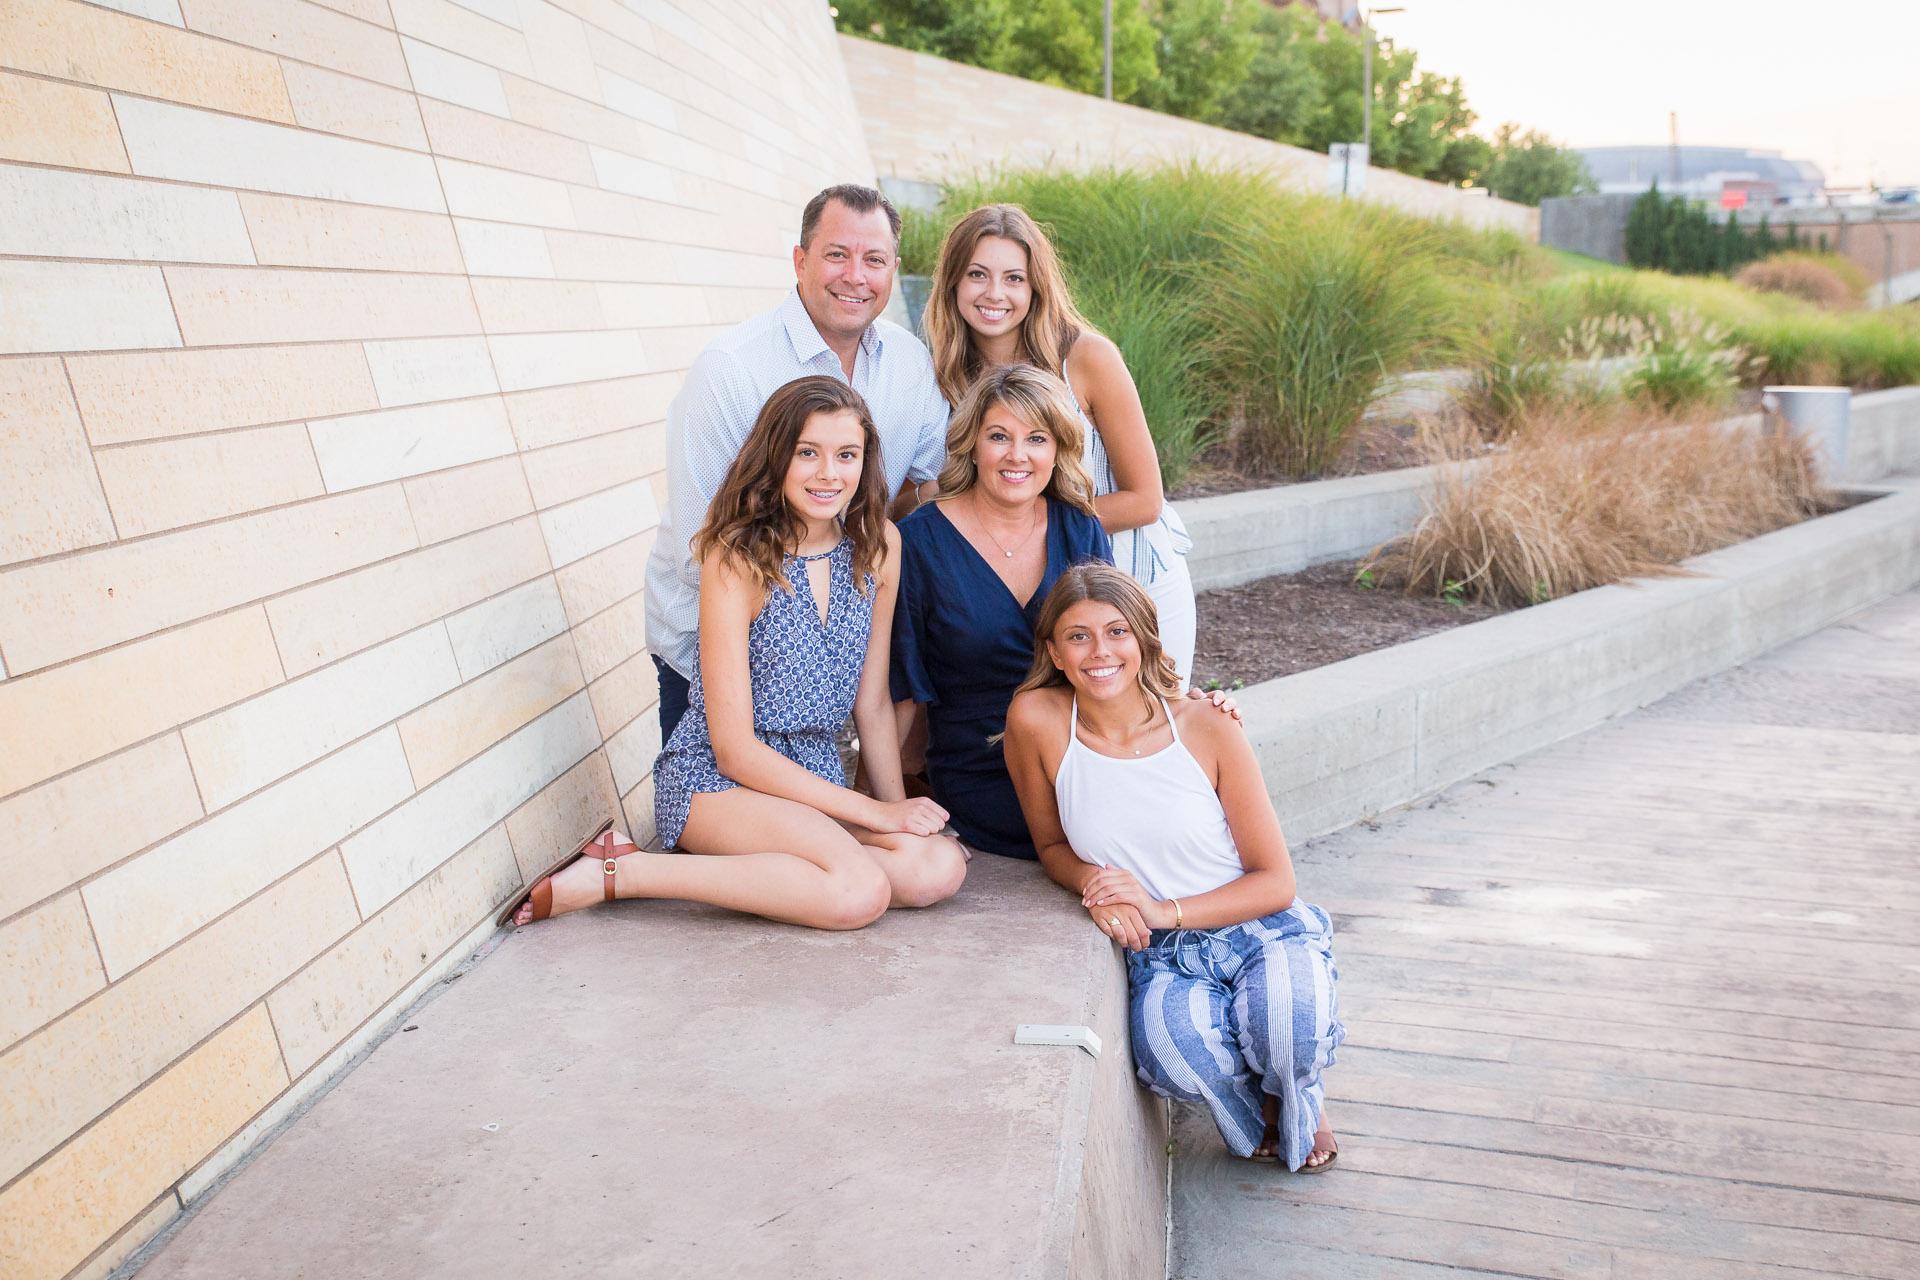 Family-Photographer-Des-Moines-34.jpg